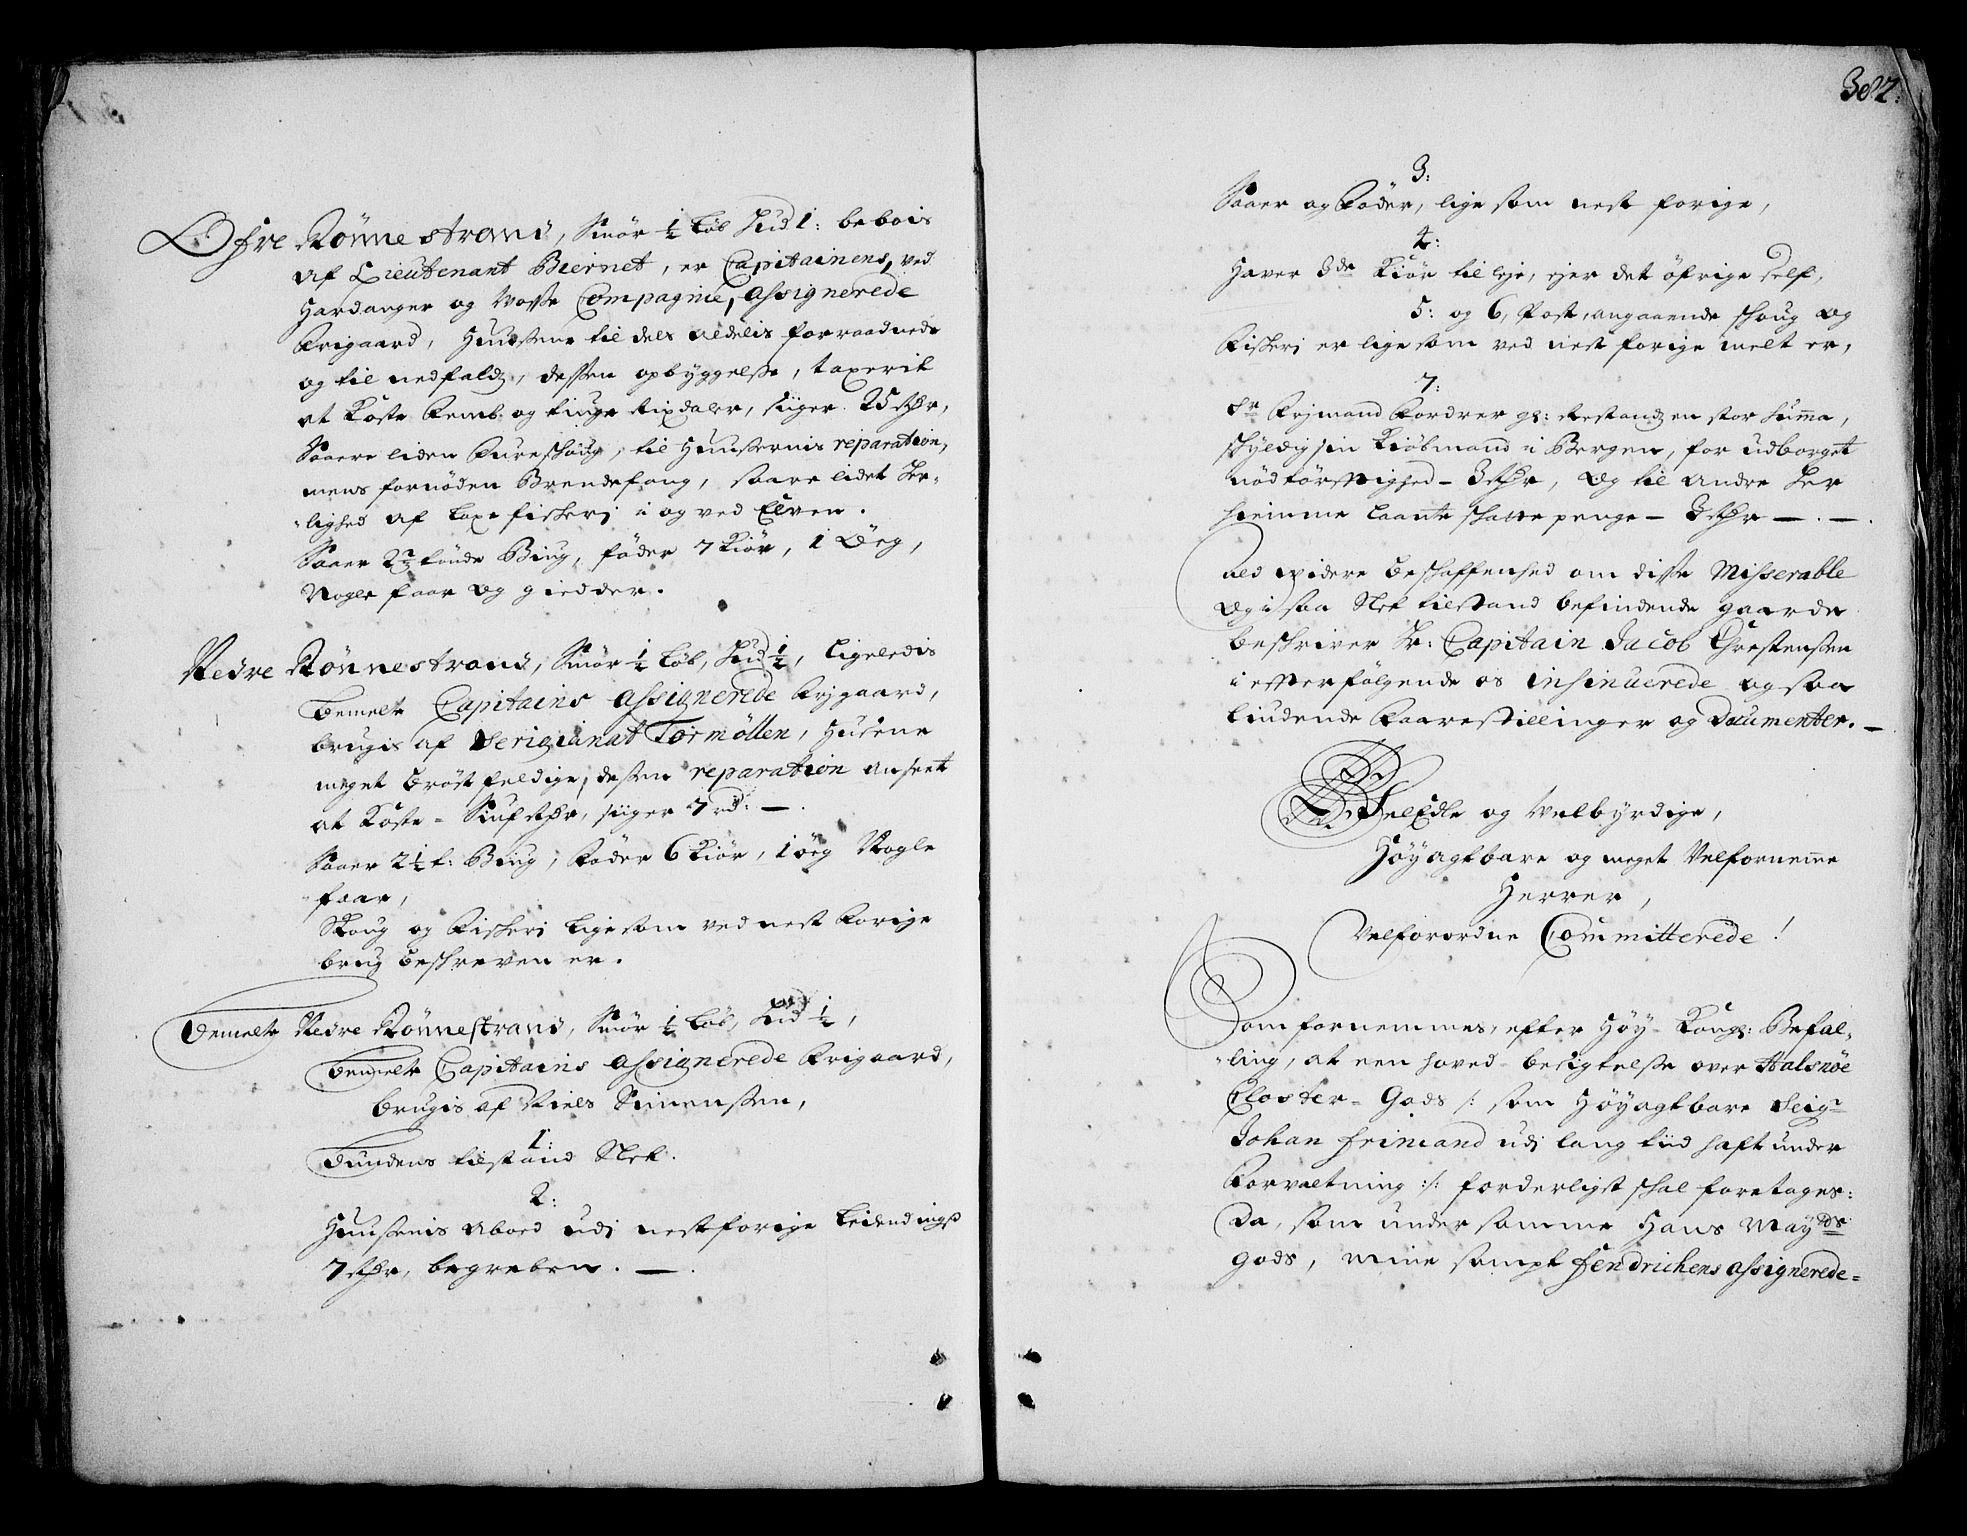 RA, Rentekammeret inntil 1814, Realistisk ordnet avdeling, On/L0002: [Jj 3]: Besiktigelsesforretninger over Halsnøy klosters gods, 1659-1703, s. 381b-382a